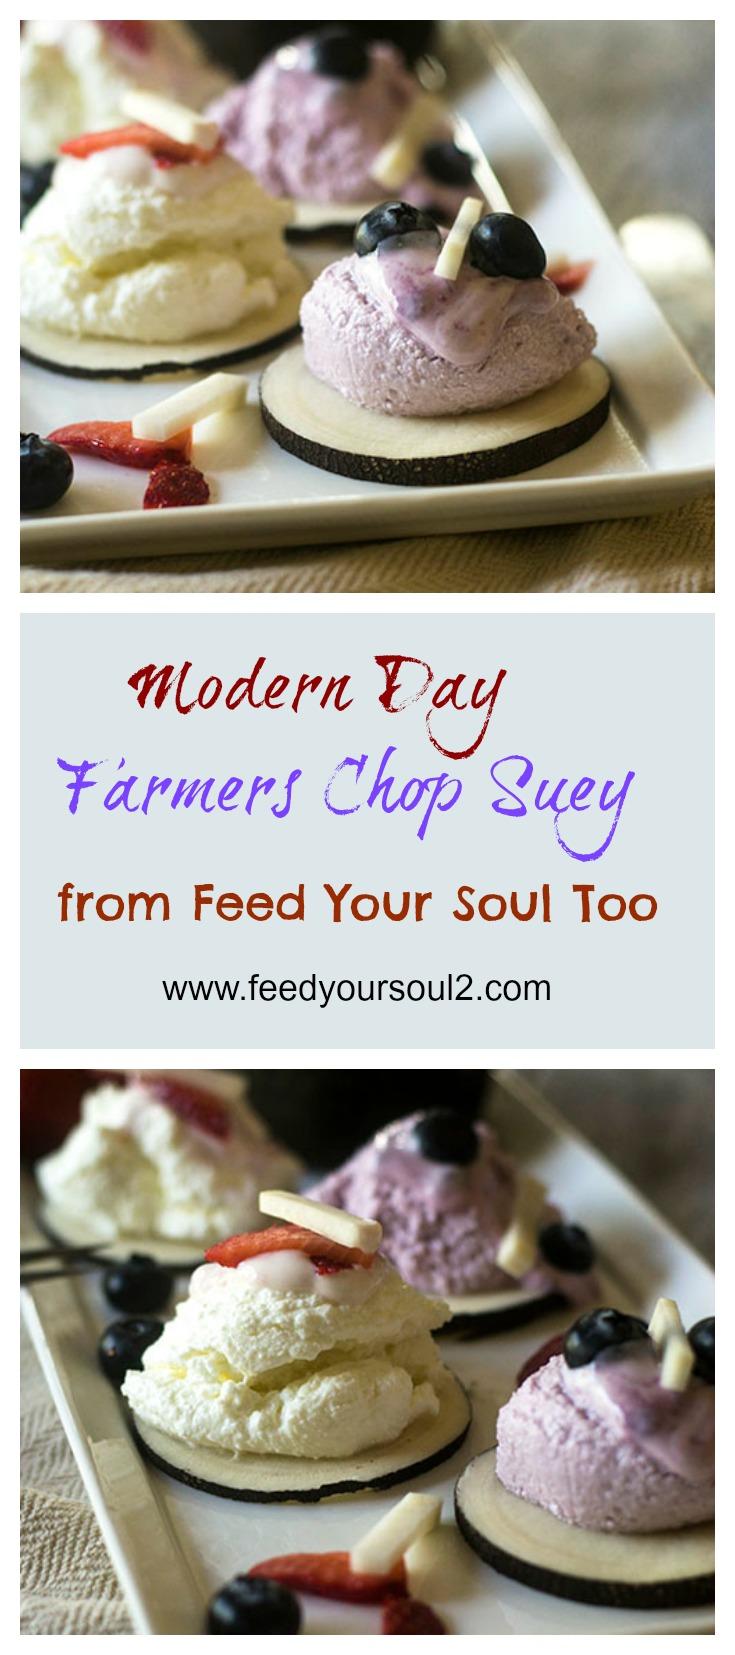 Modern Day Farmers Chop Suey #Healthy #promotio #probiotic   feedyoursoul2.com